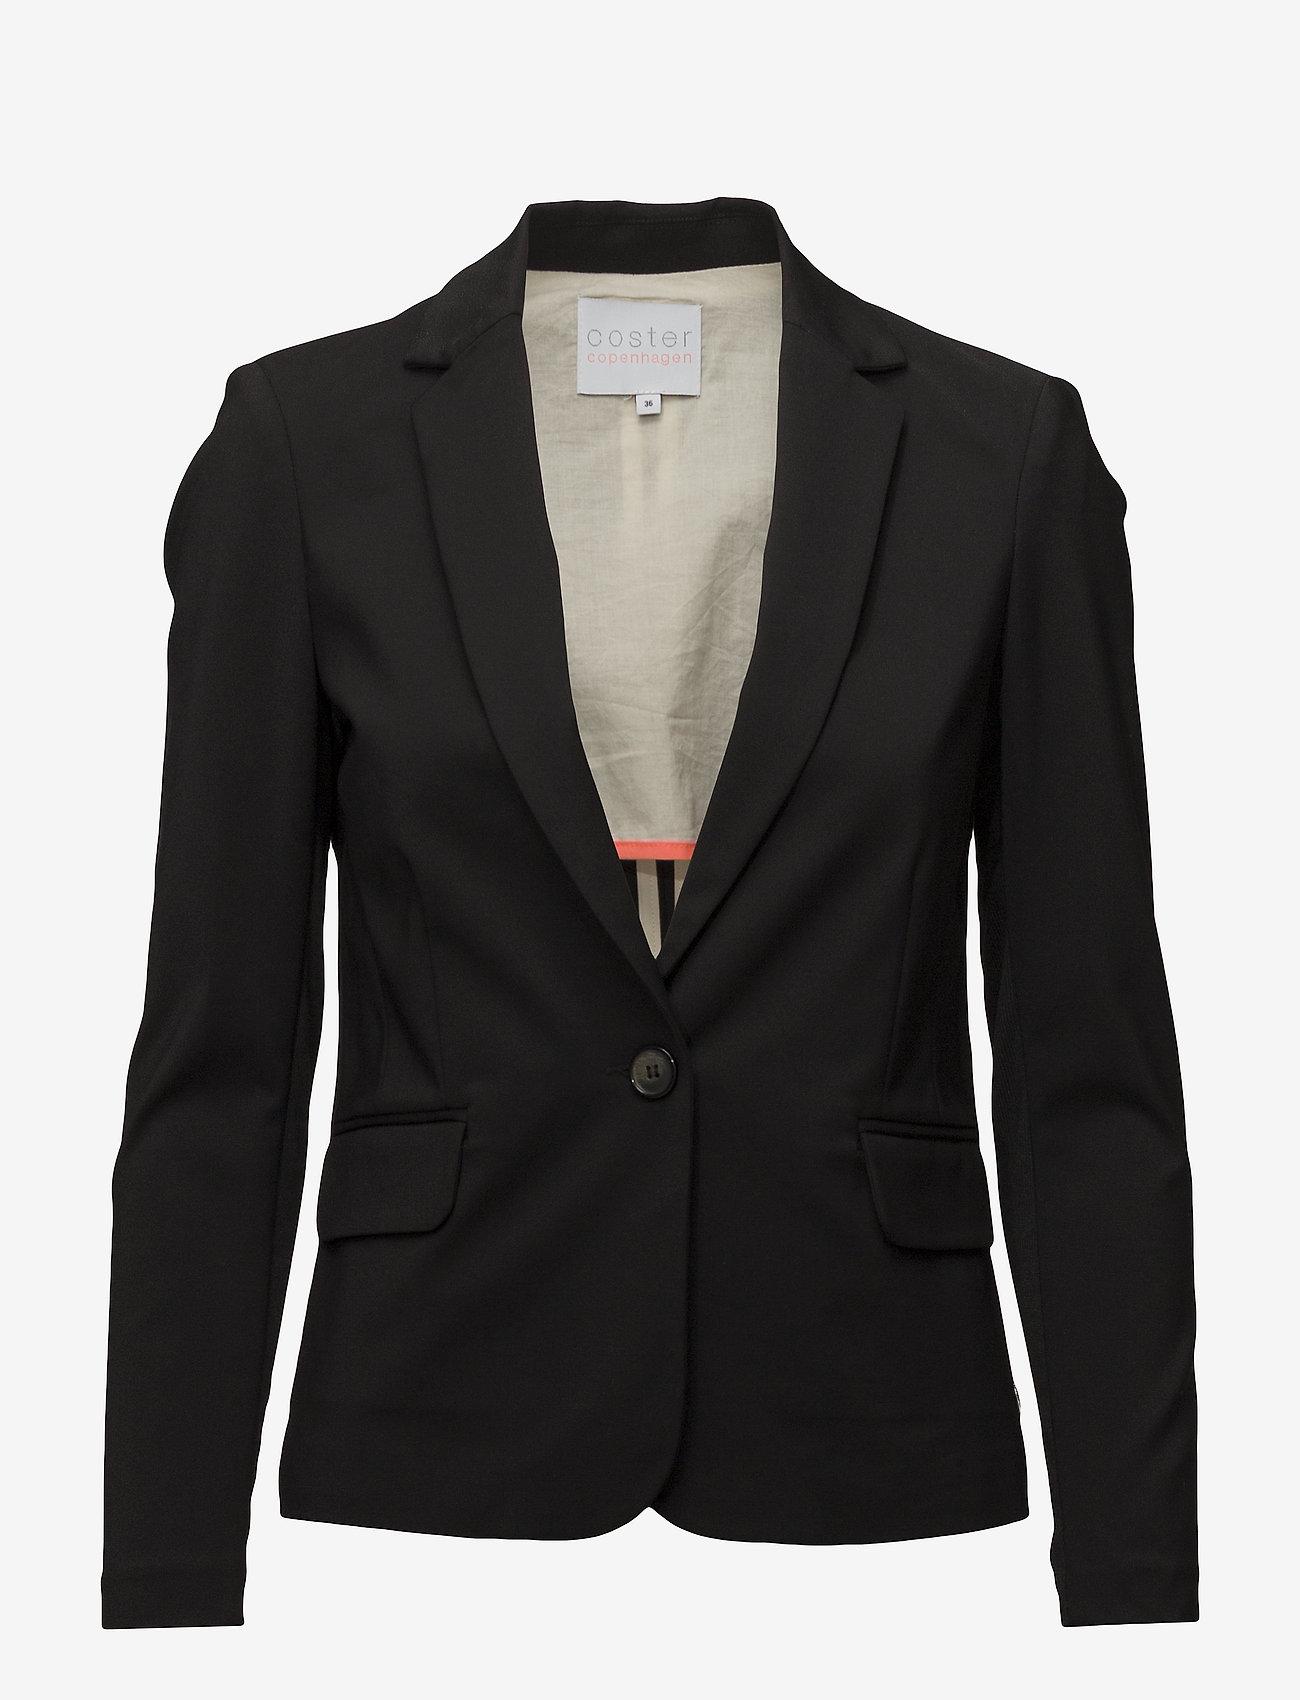 Coster Copenhagen - Suit jacket - vardagskavajer - black - 0